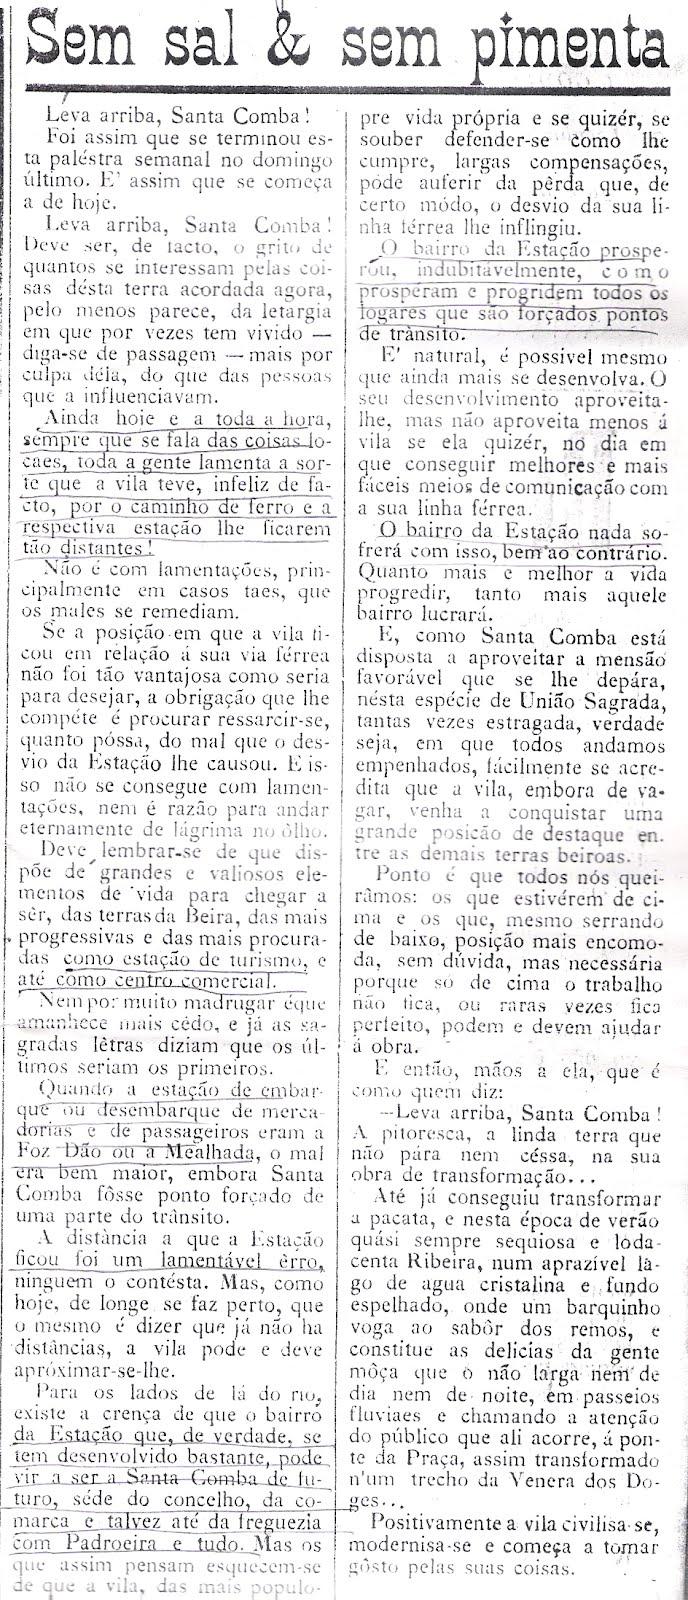 Bairro da Estação, 28 de Agosto de 1927